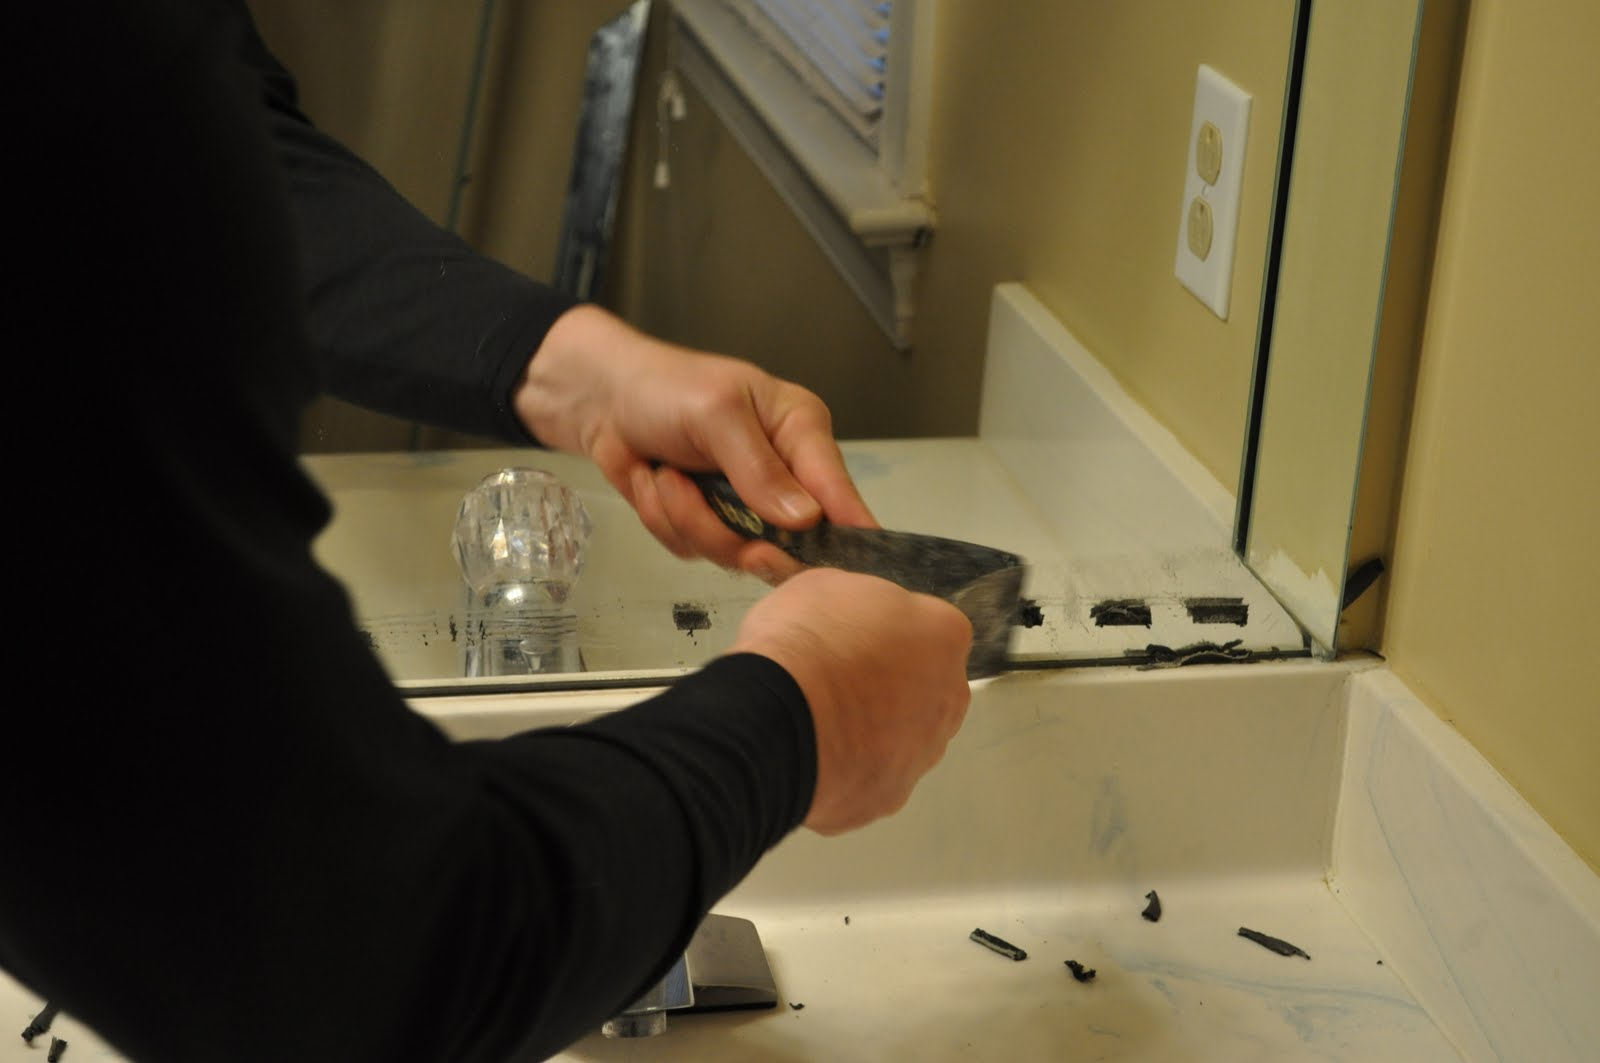 Removing bathroom mirror